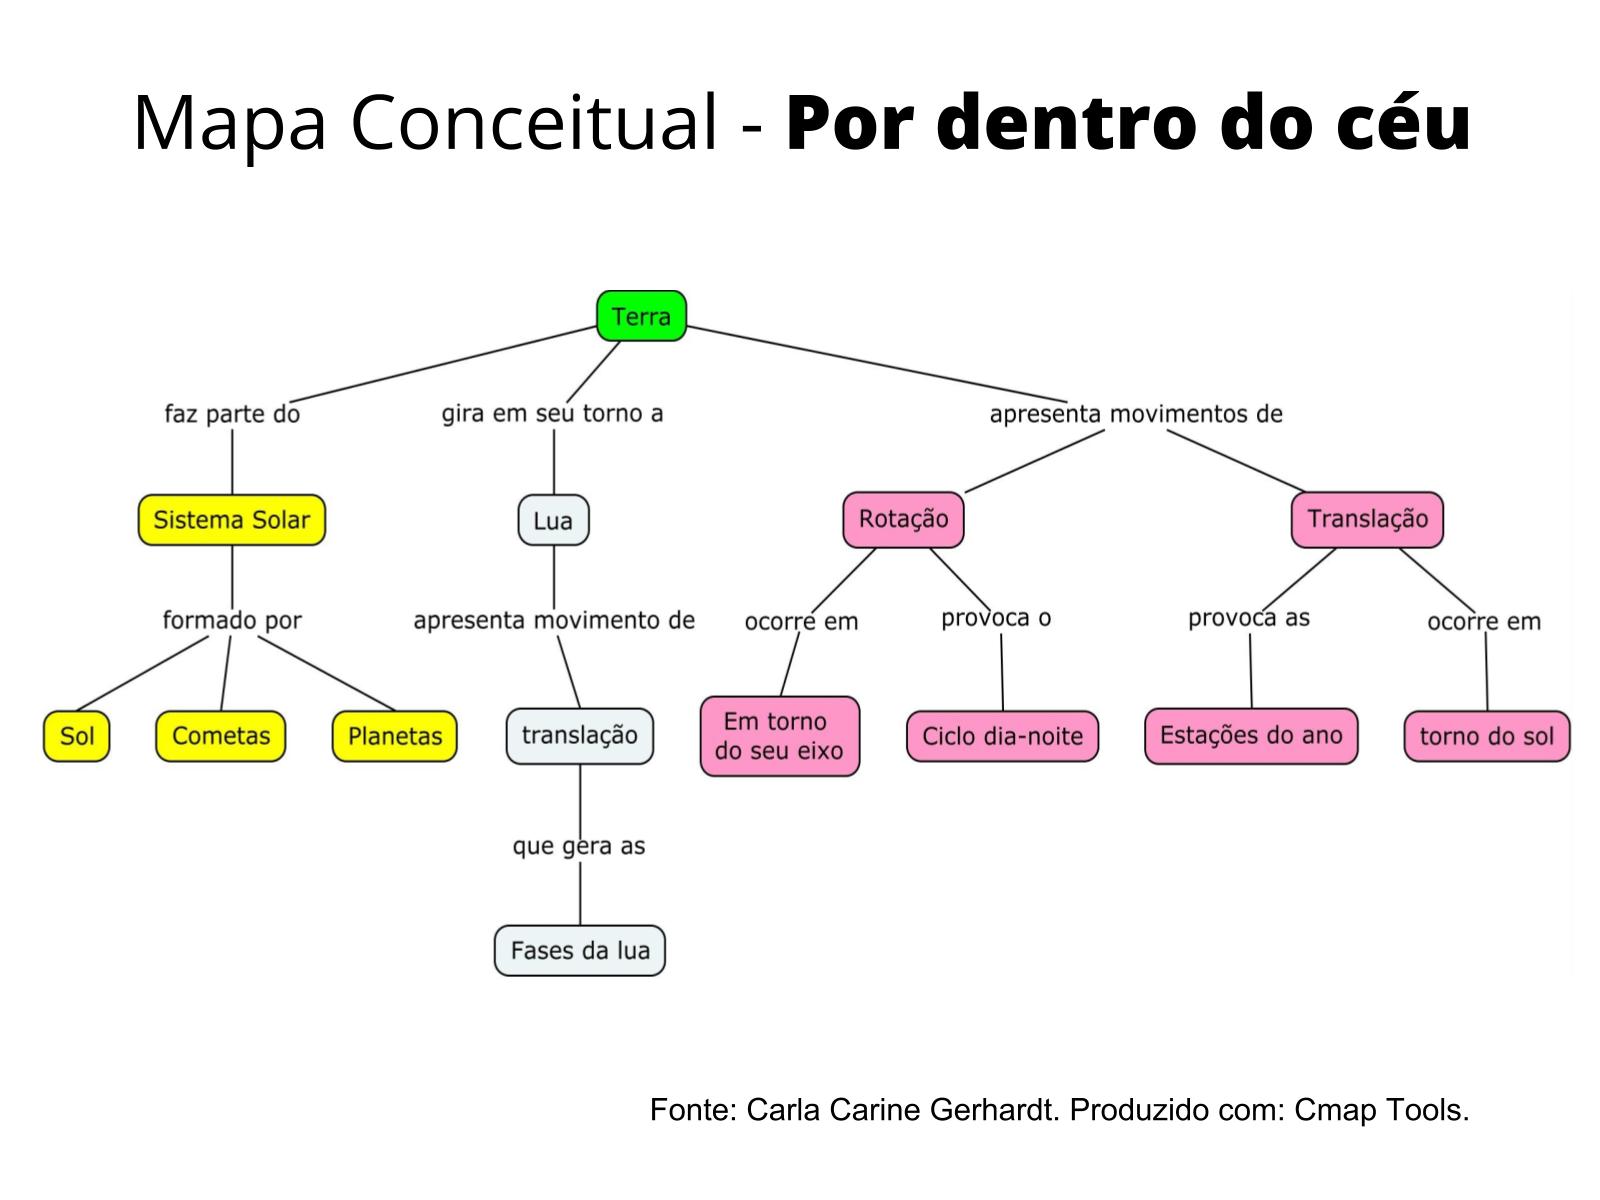 Mapa conceitual: propósito e estrutura